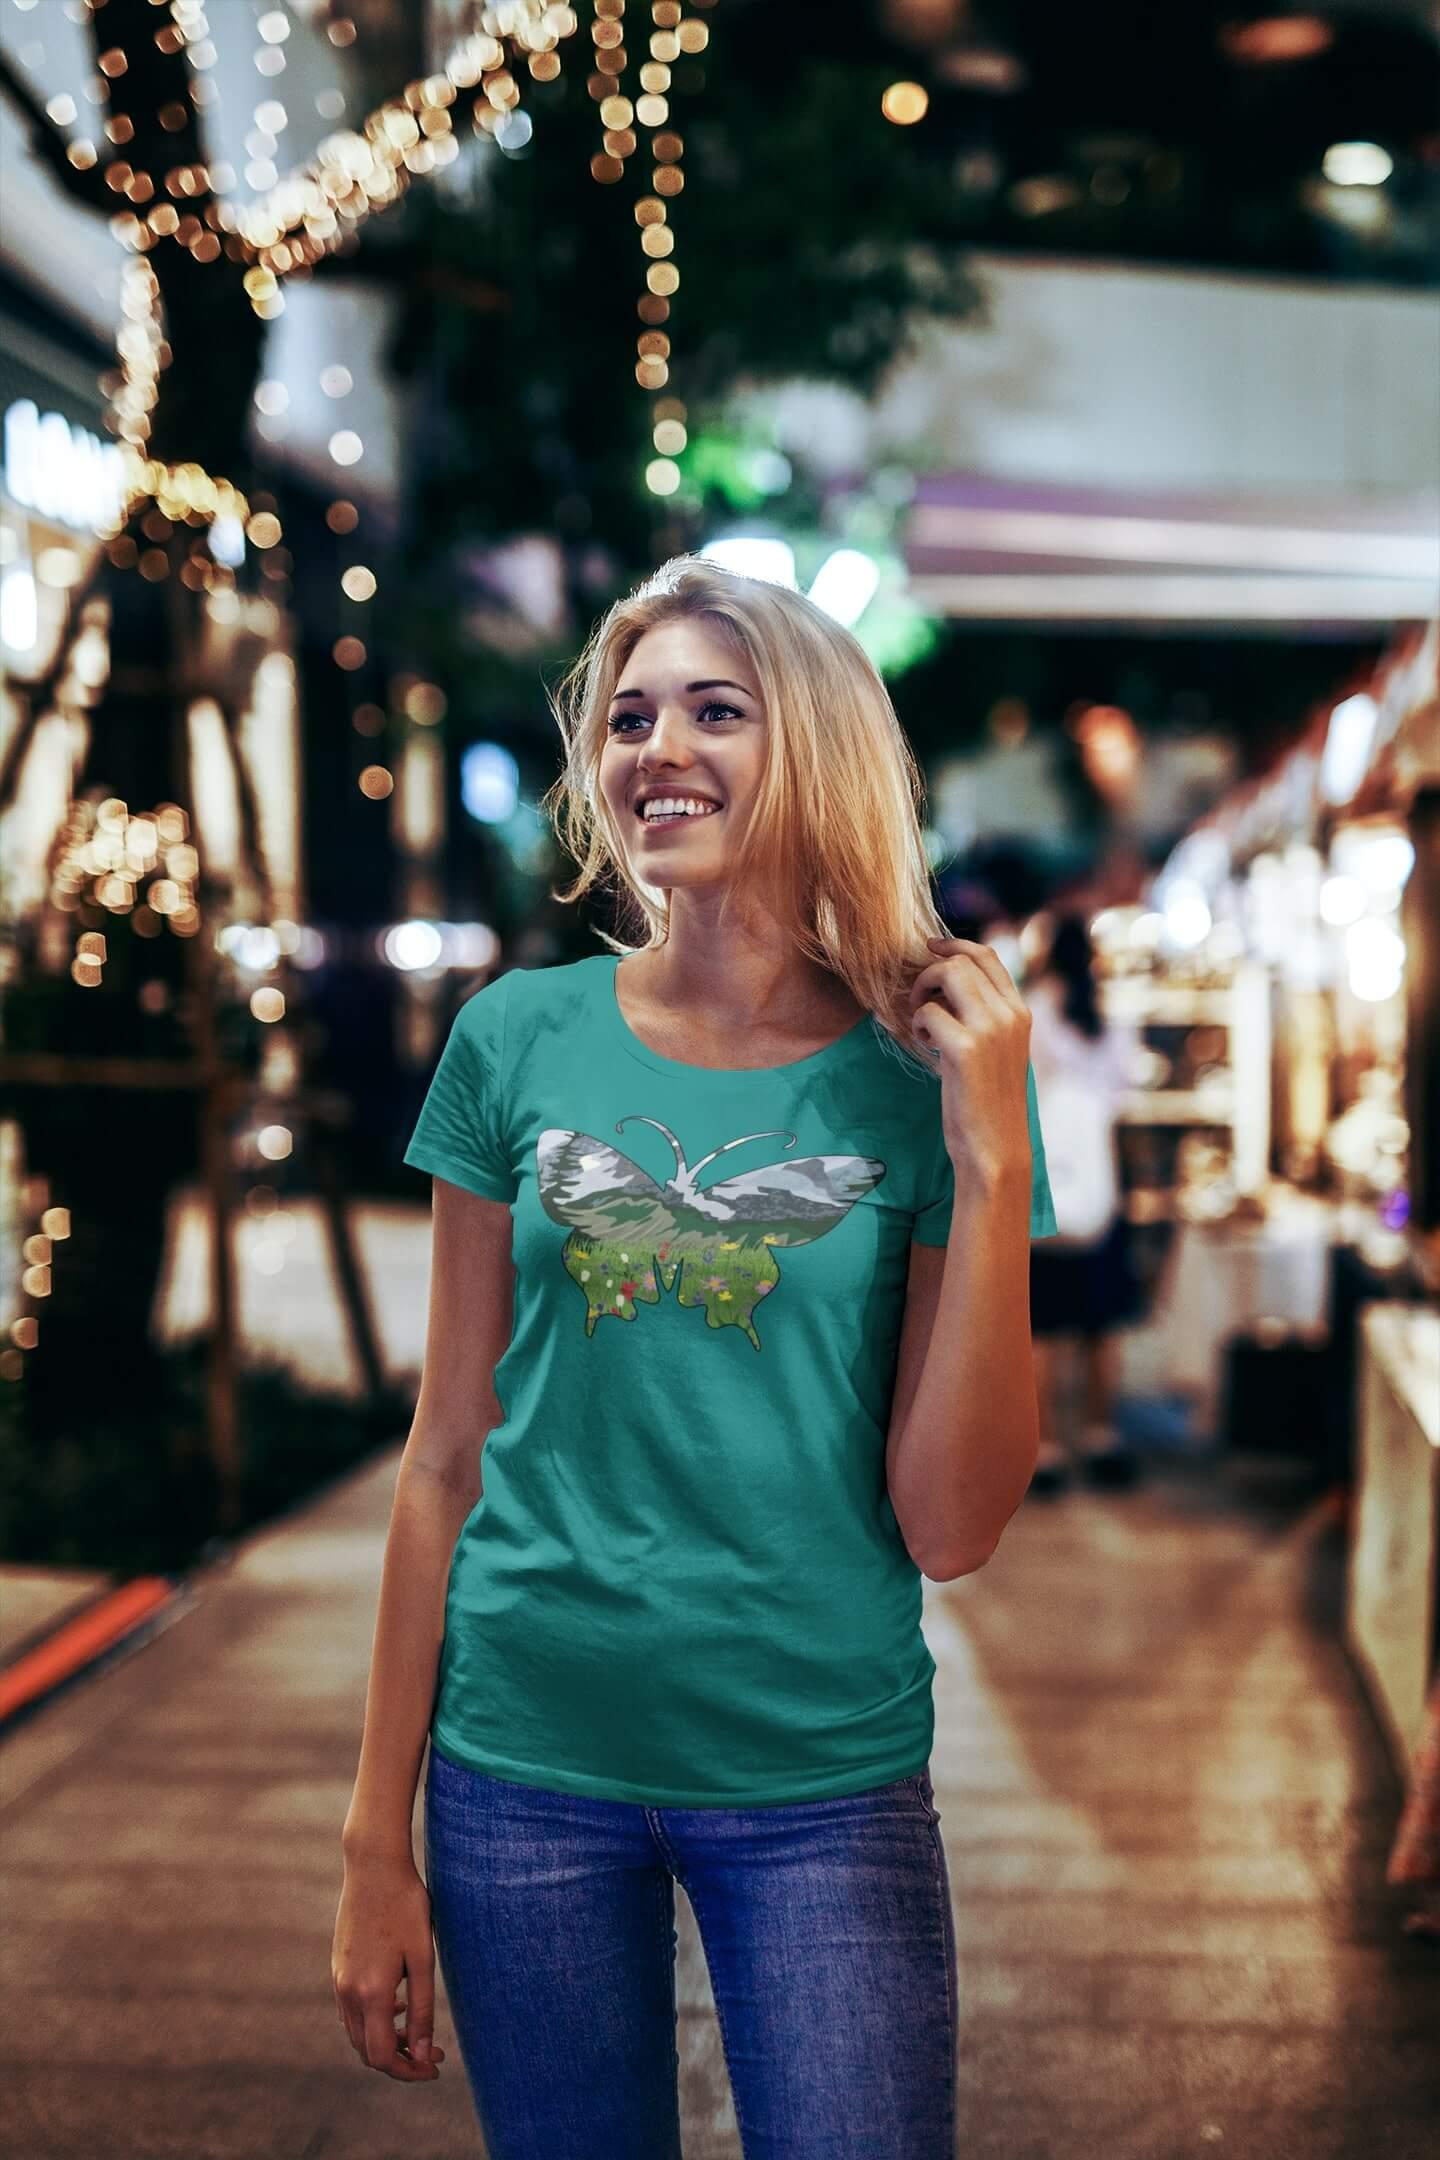 MMO Dámske tričko Motýľ Vyberte farbu: Smaragdovozelená, Vyberte veľkosť: S